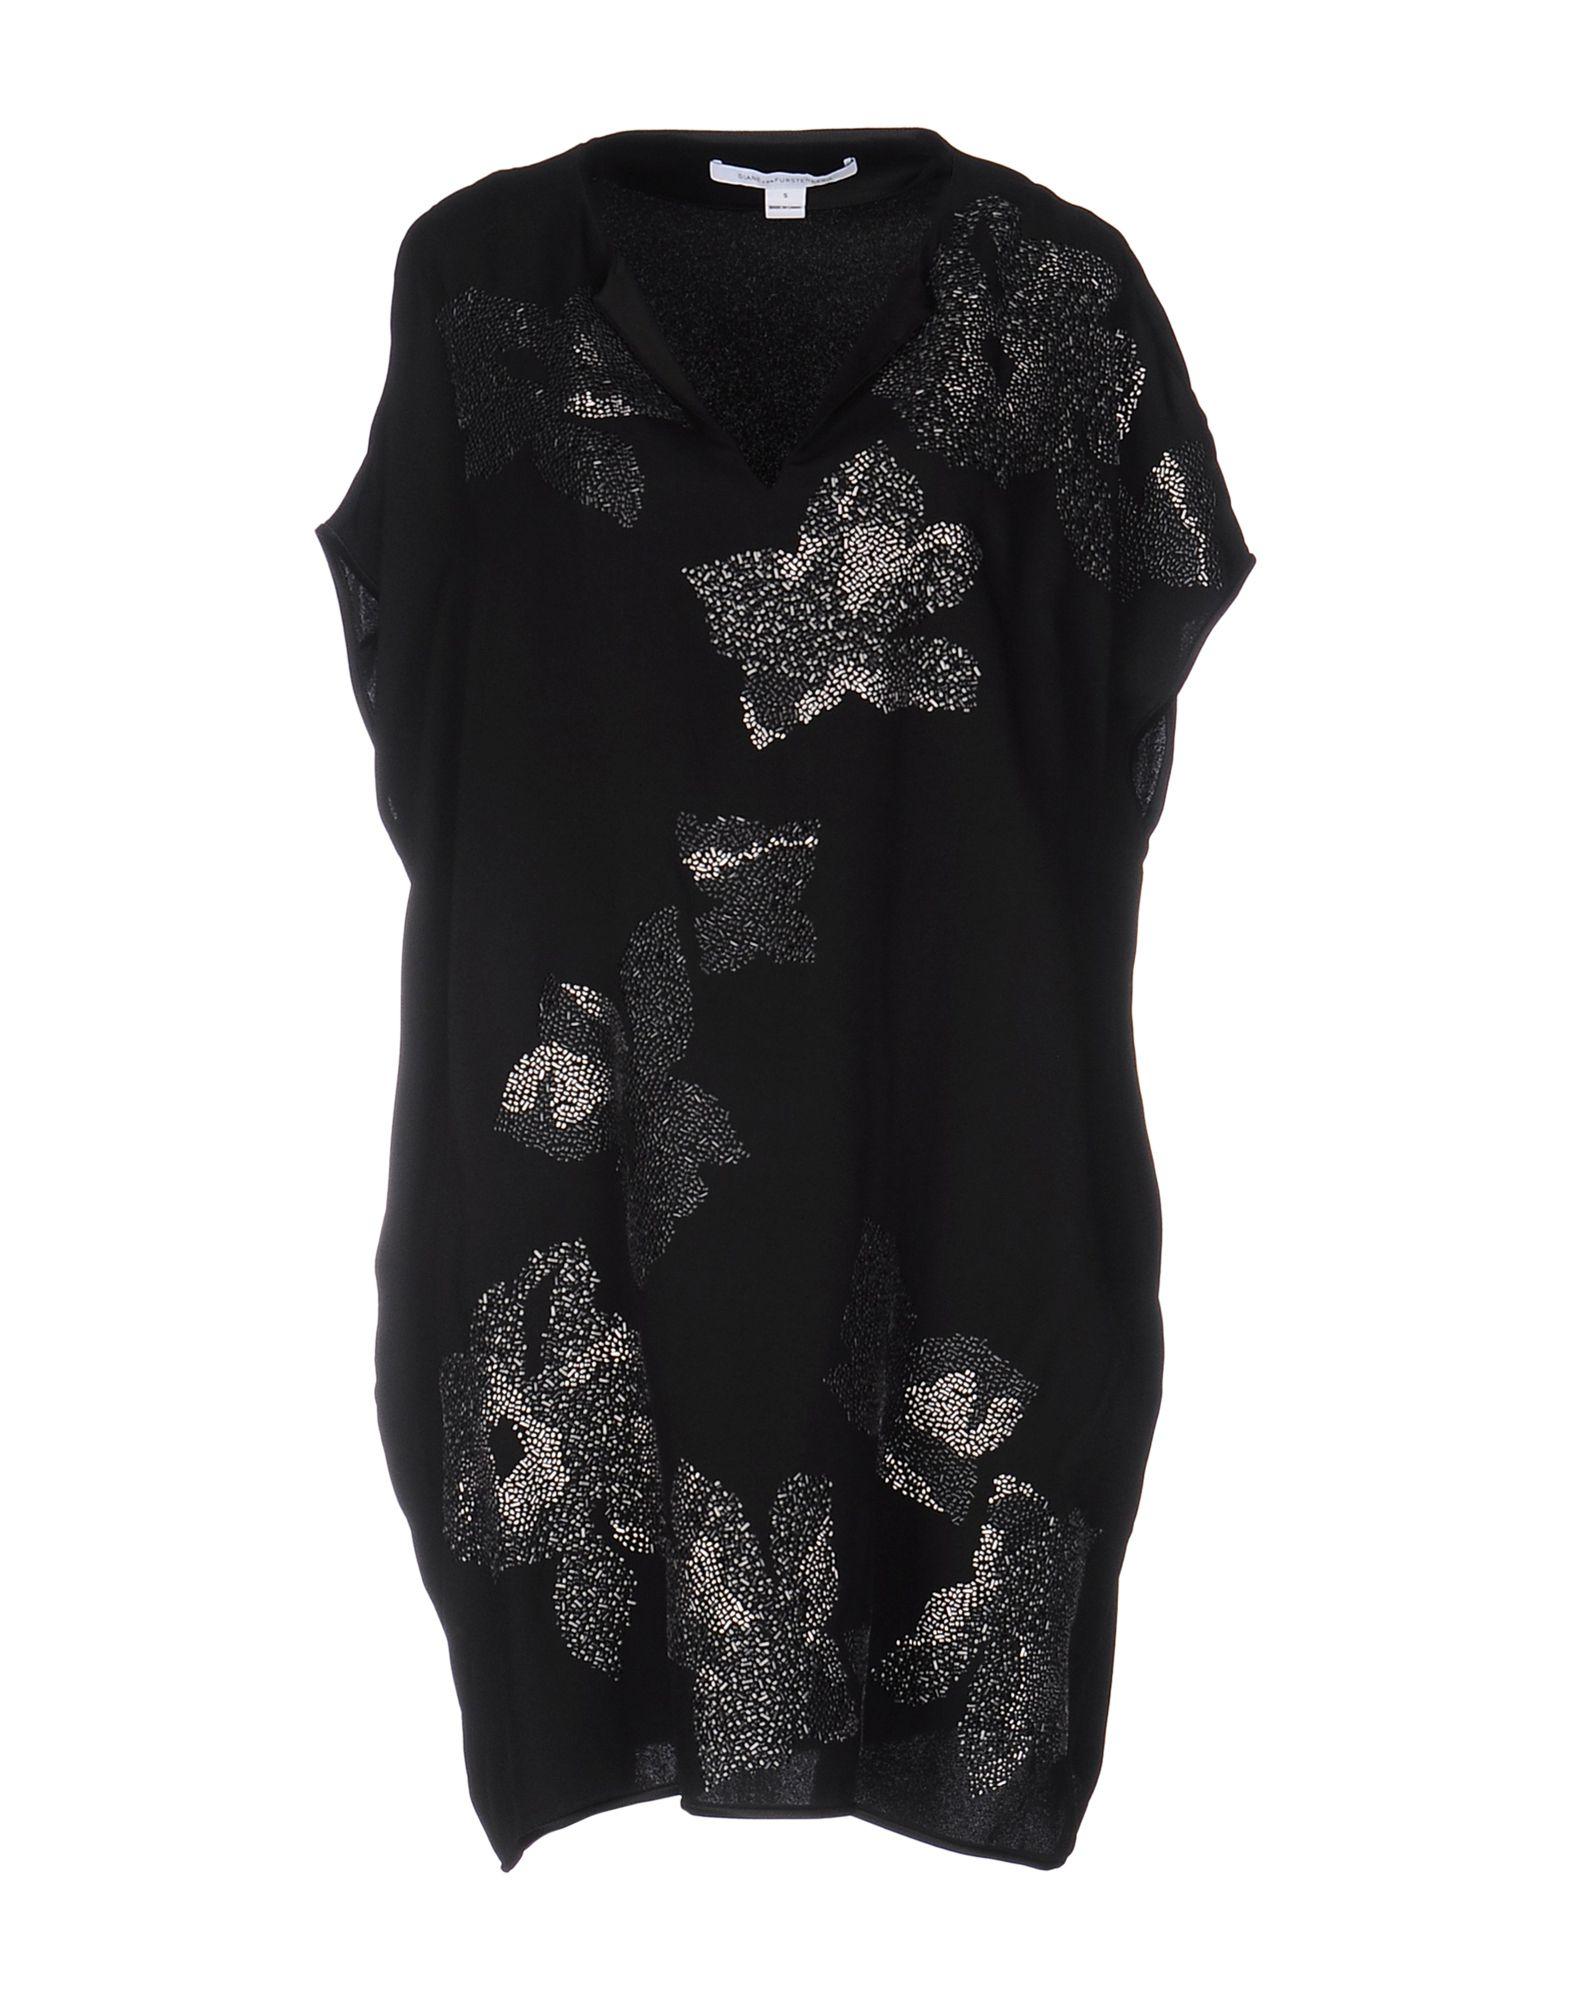 DIANE VON FURSTENBERG Damen Kurzes Kleid Farbe Schwarz Größe 6